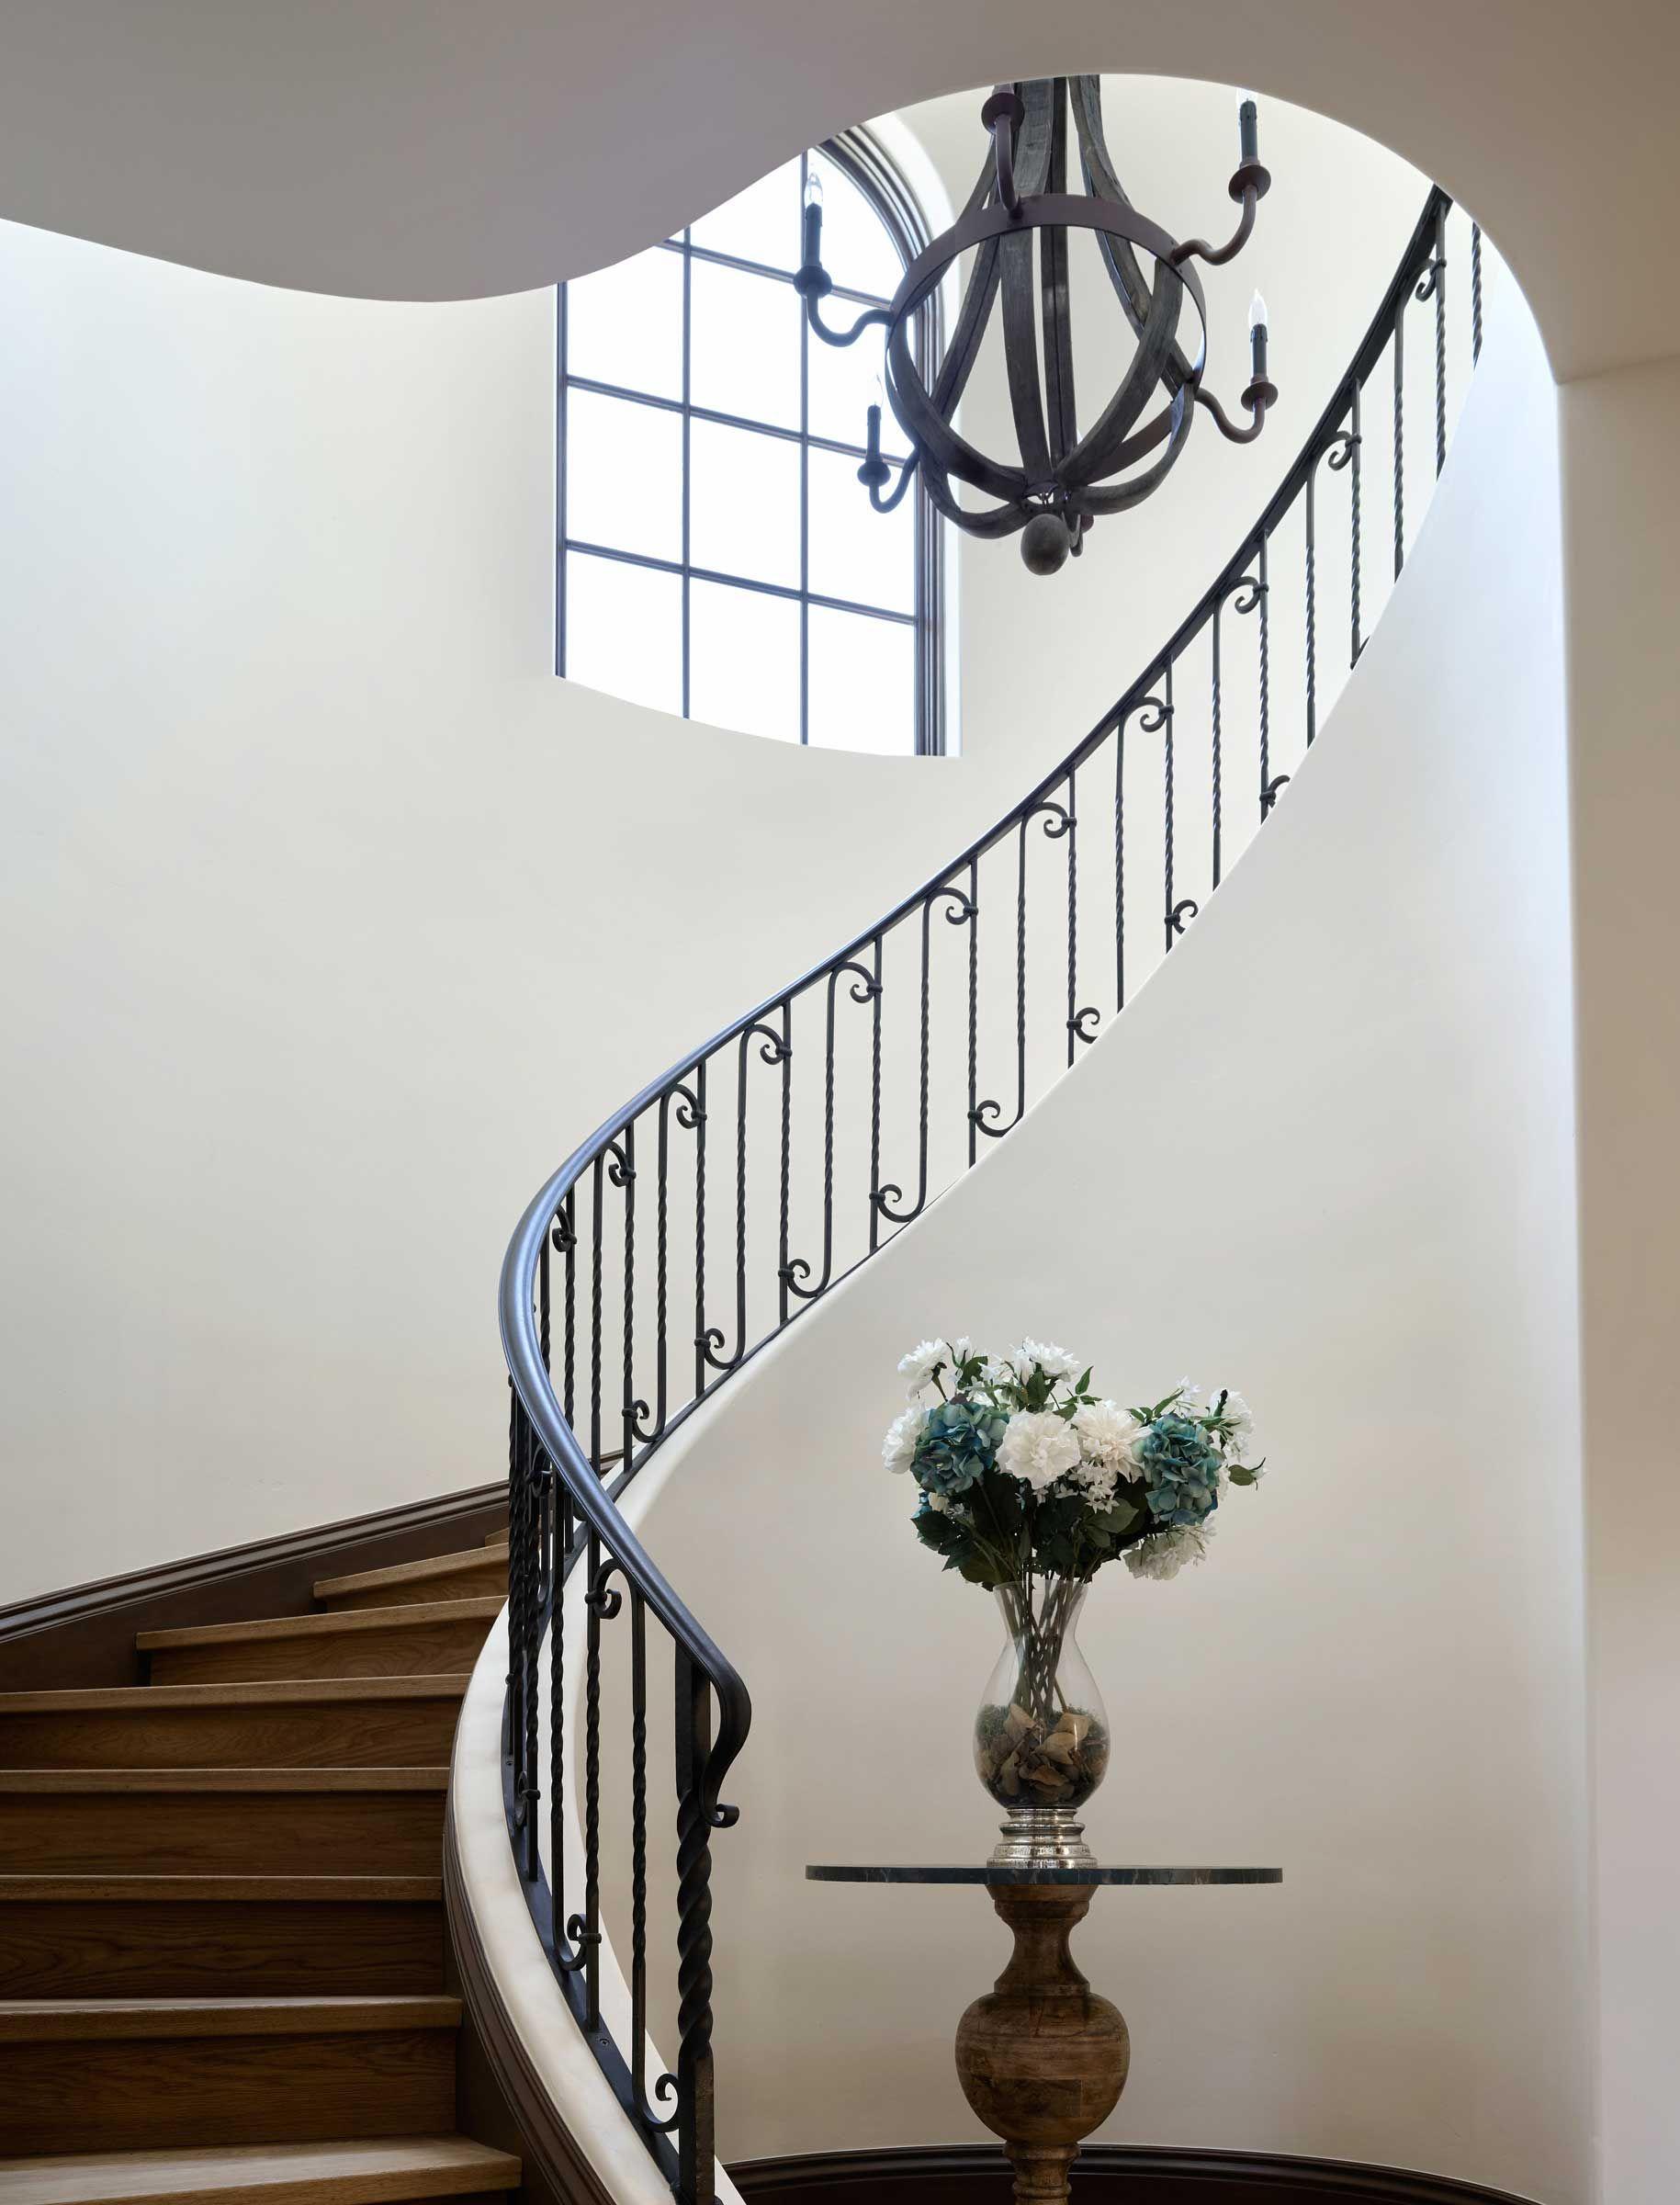 Karam Stairway | Staircases | Pinterest | Stairways, Spanish style ...